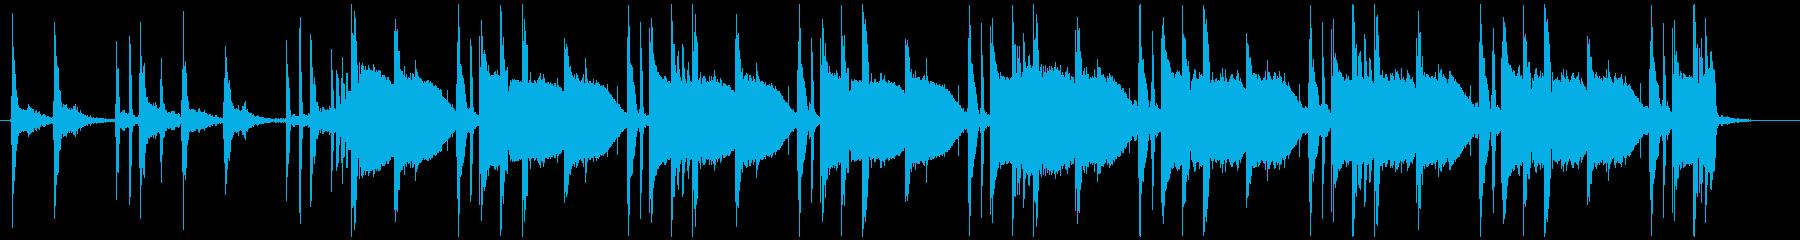 甘いスロウビート/イントロの再生済みの波形